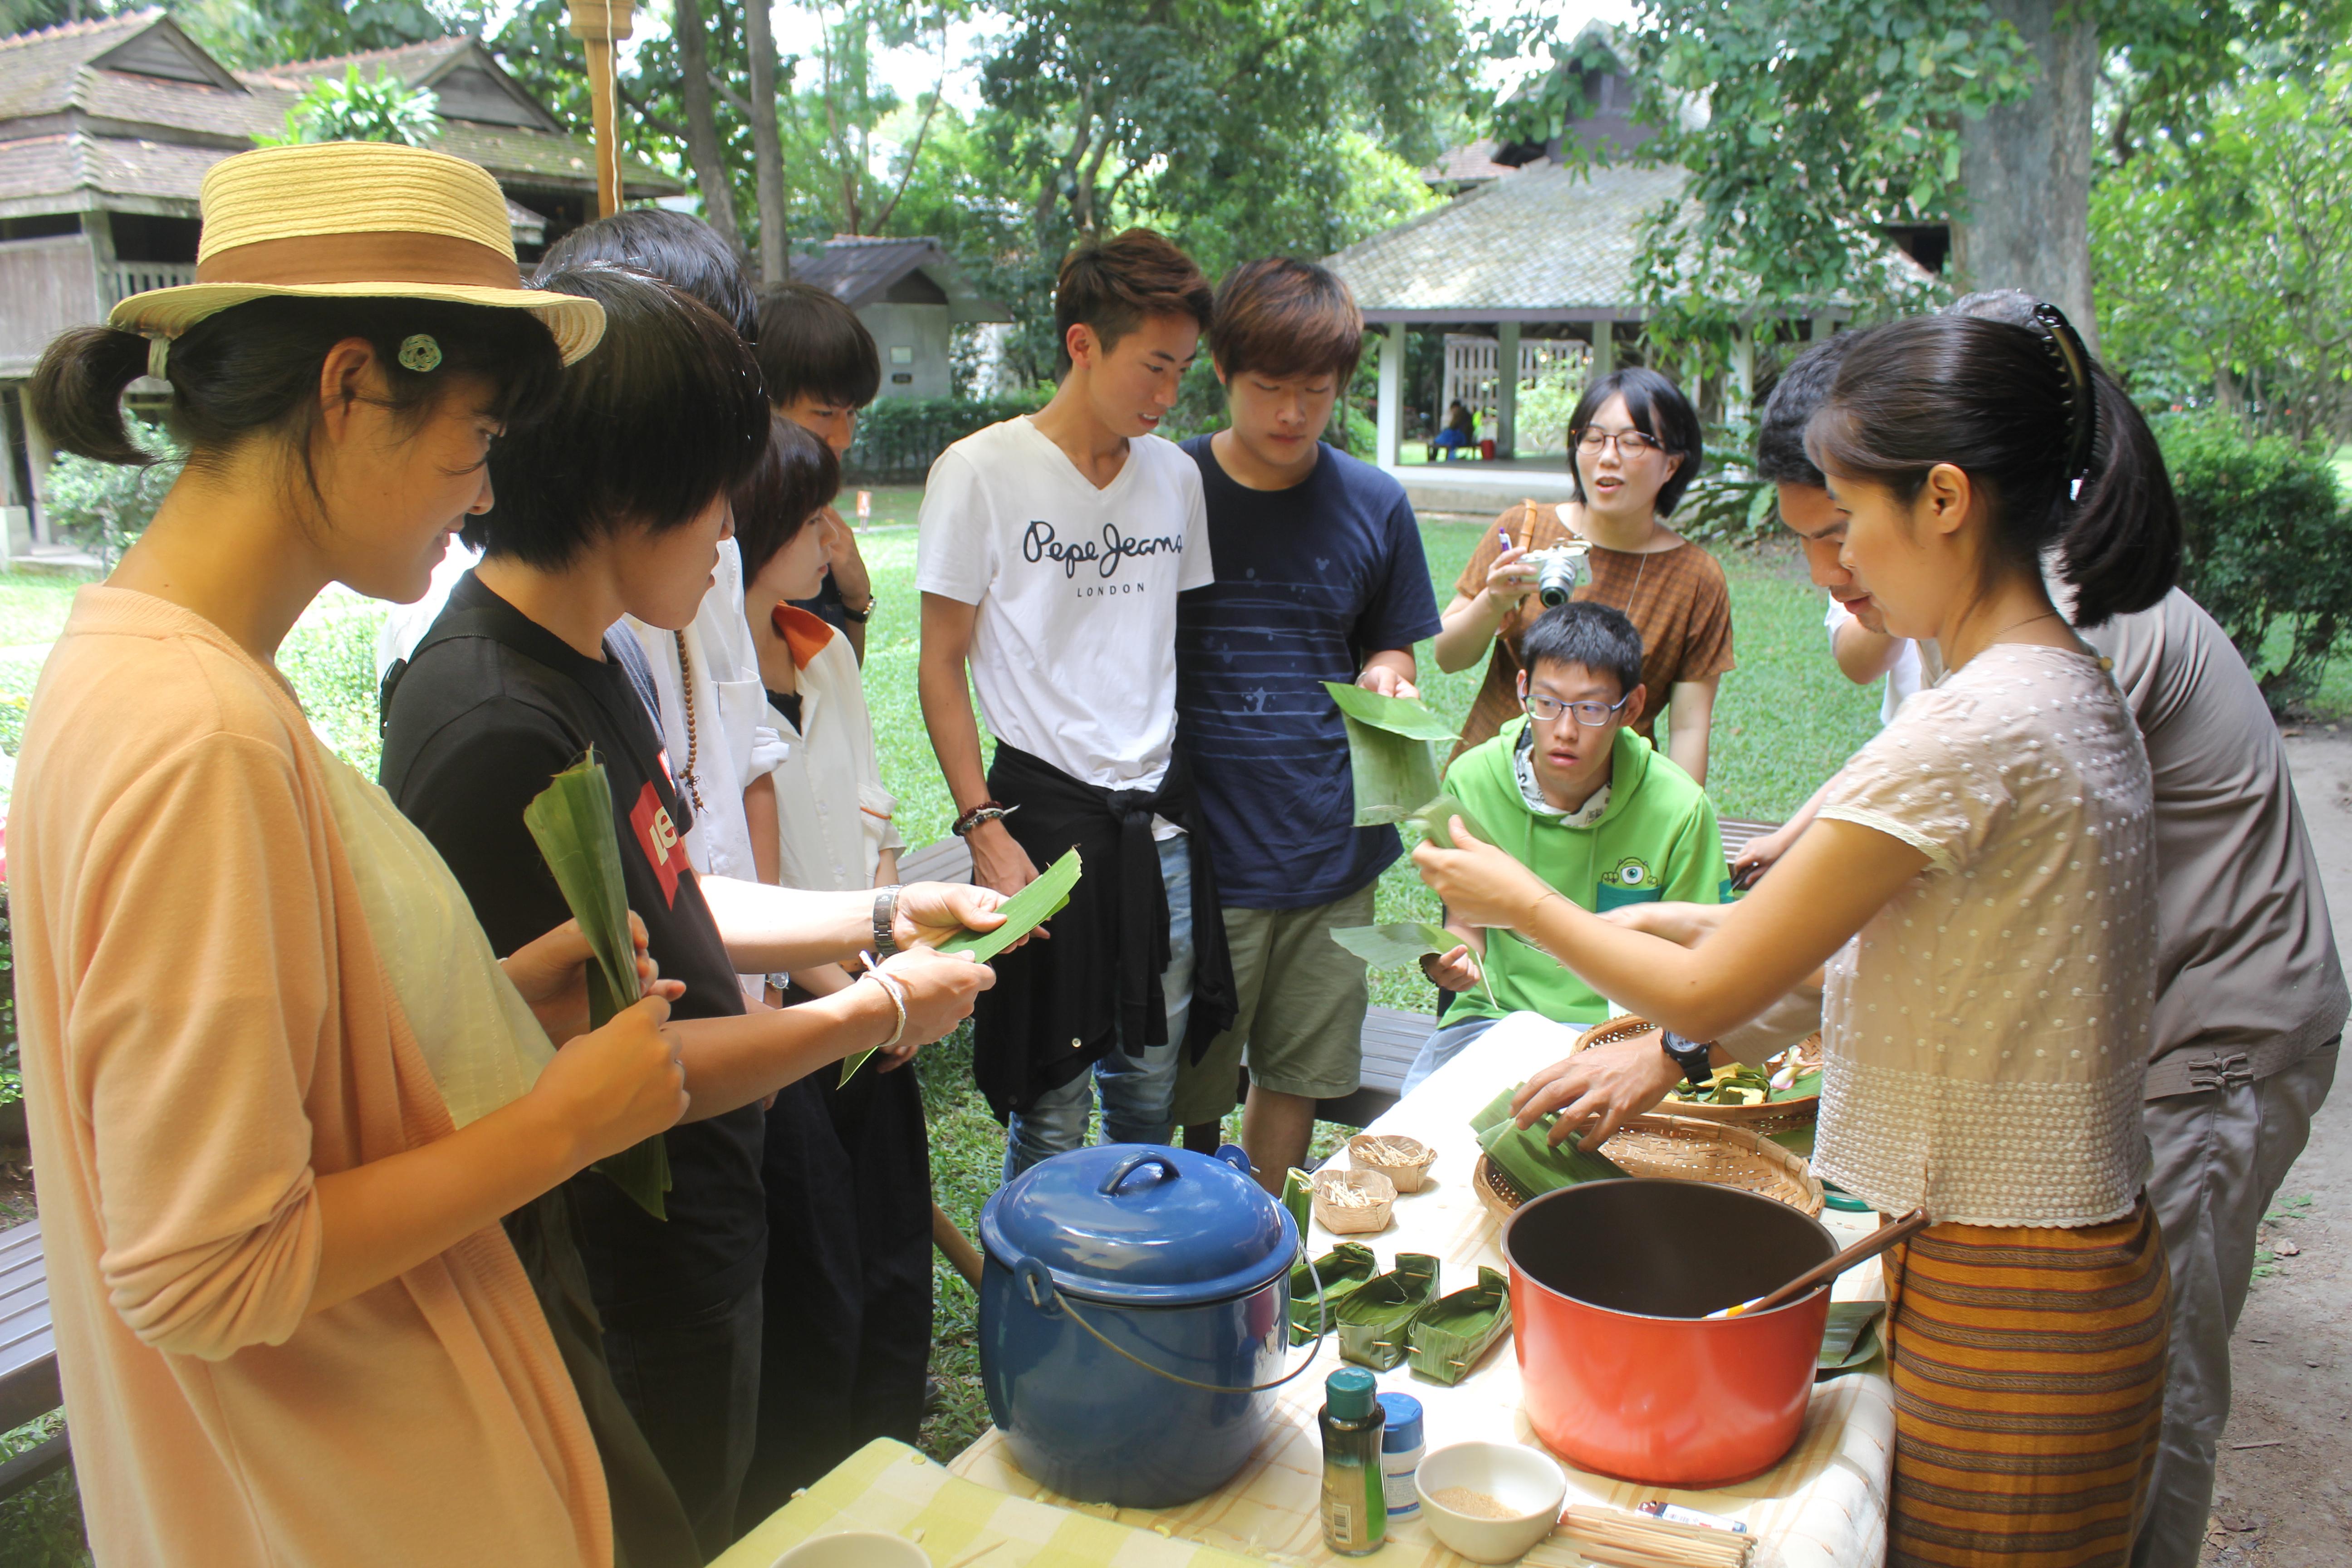 โครงการจัดอบรมเชิงปฏิบัติการด้านศิลปวัฒนธรรมศึกษาสำหรับนักศึกษาและคณาจารย์จาก Chukyo University,Japan